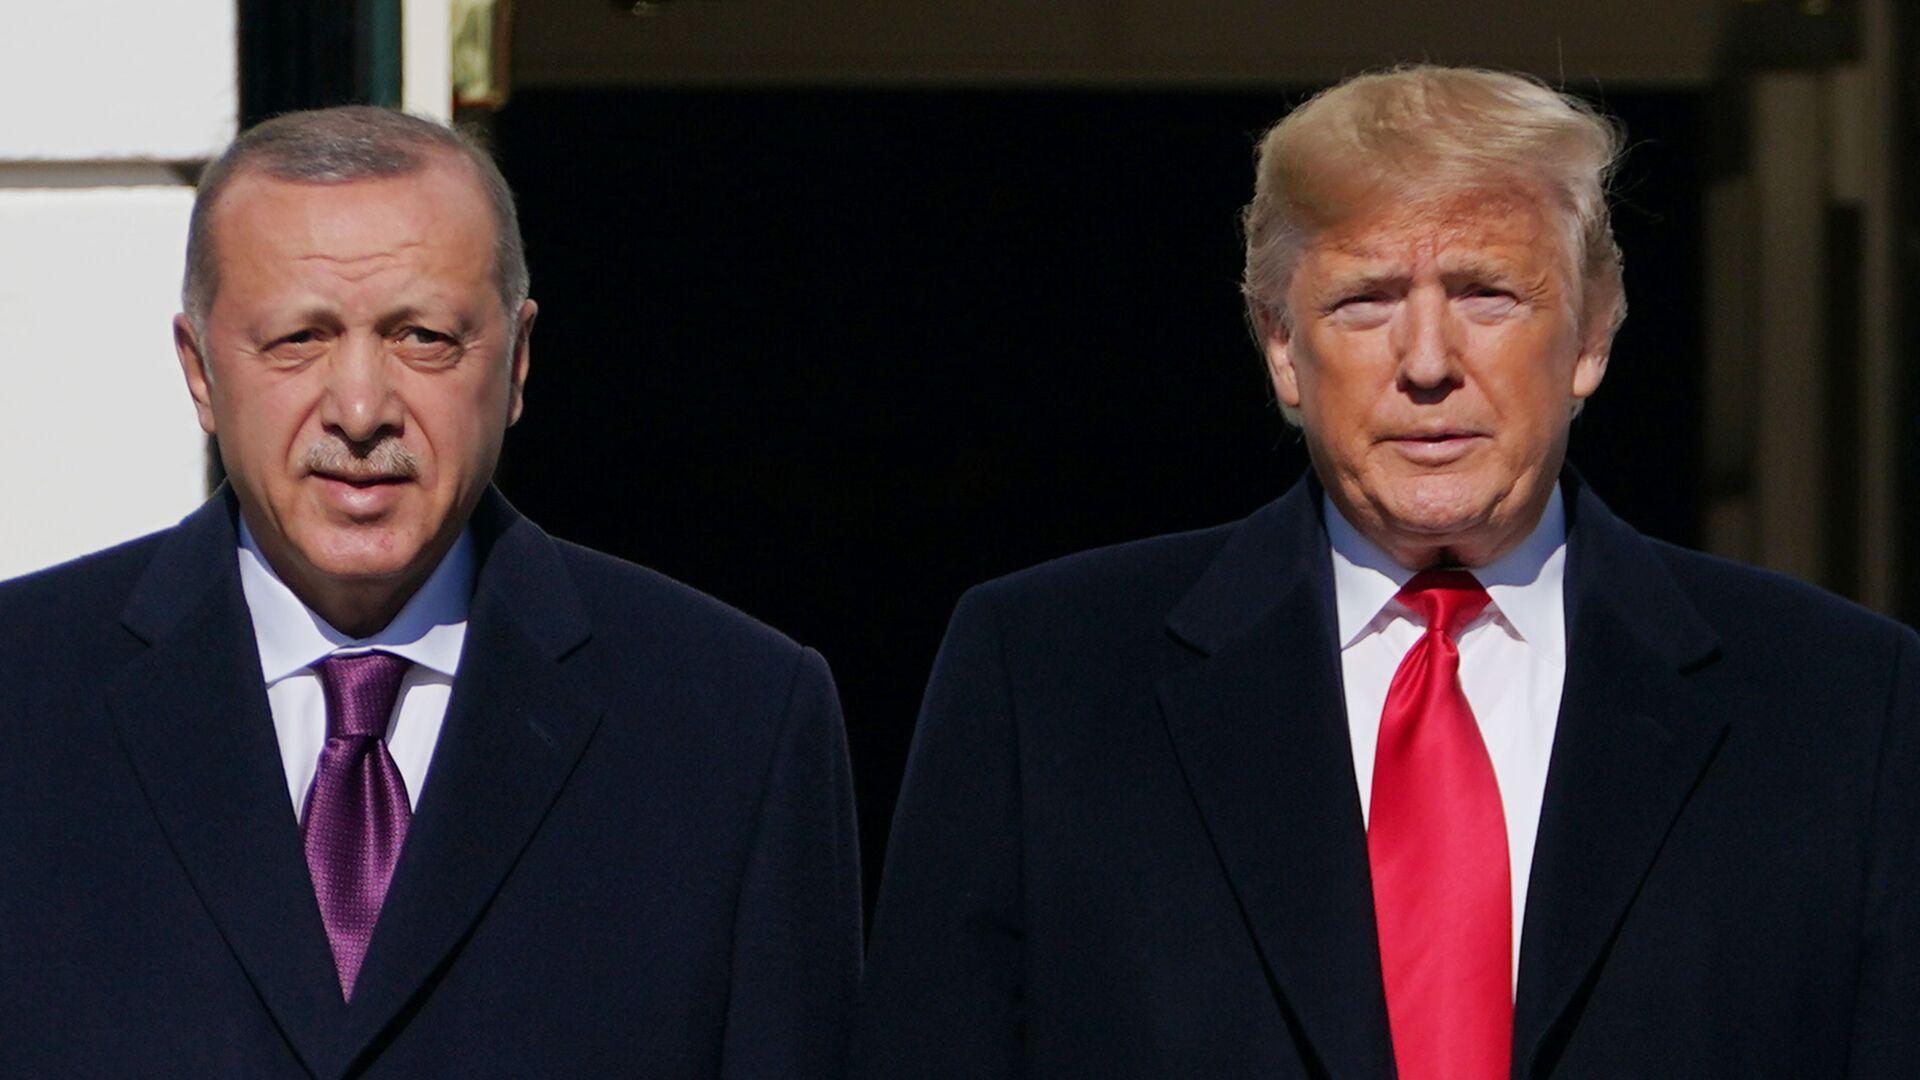 Συνάντηση Τραμπ - Ερντογάν στον Λευκό Οίκο - Sputnik Ελλάδα, 1920, 06.10.2021